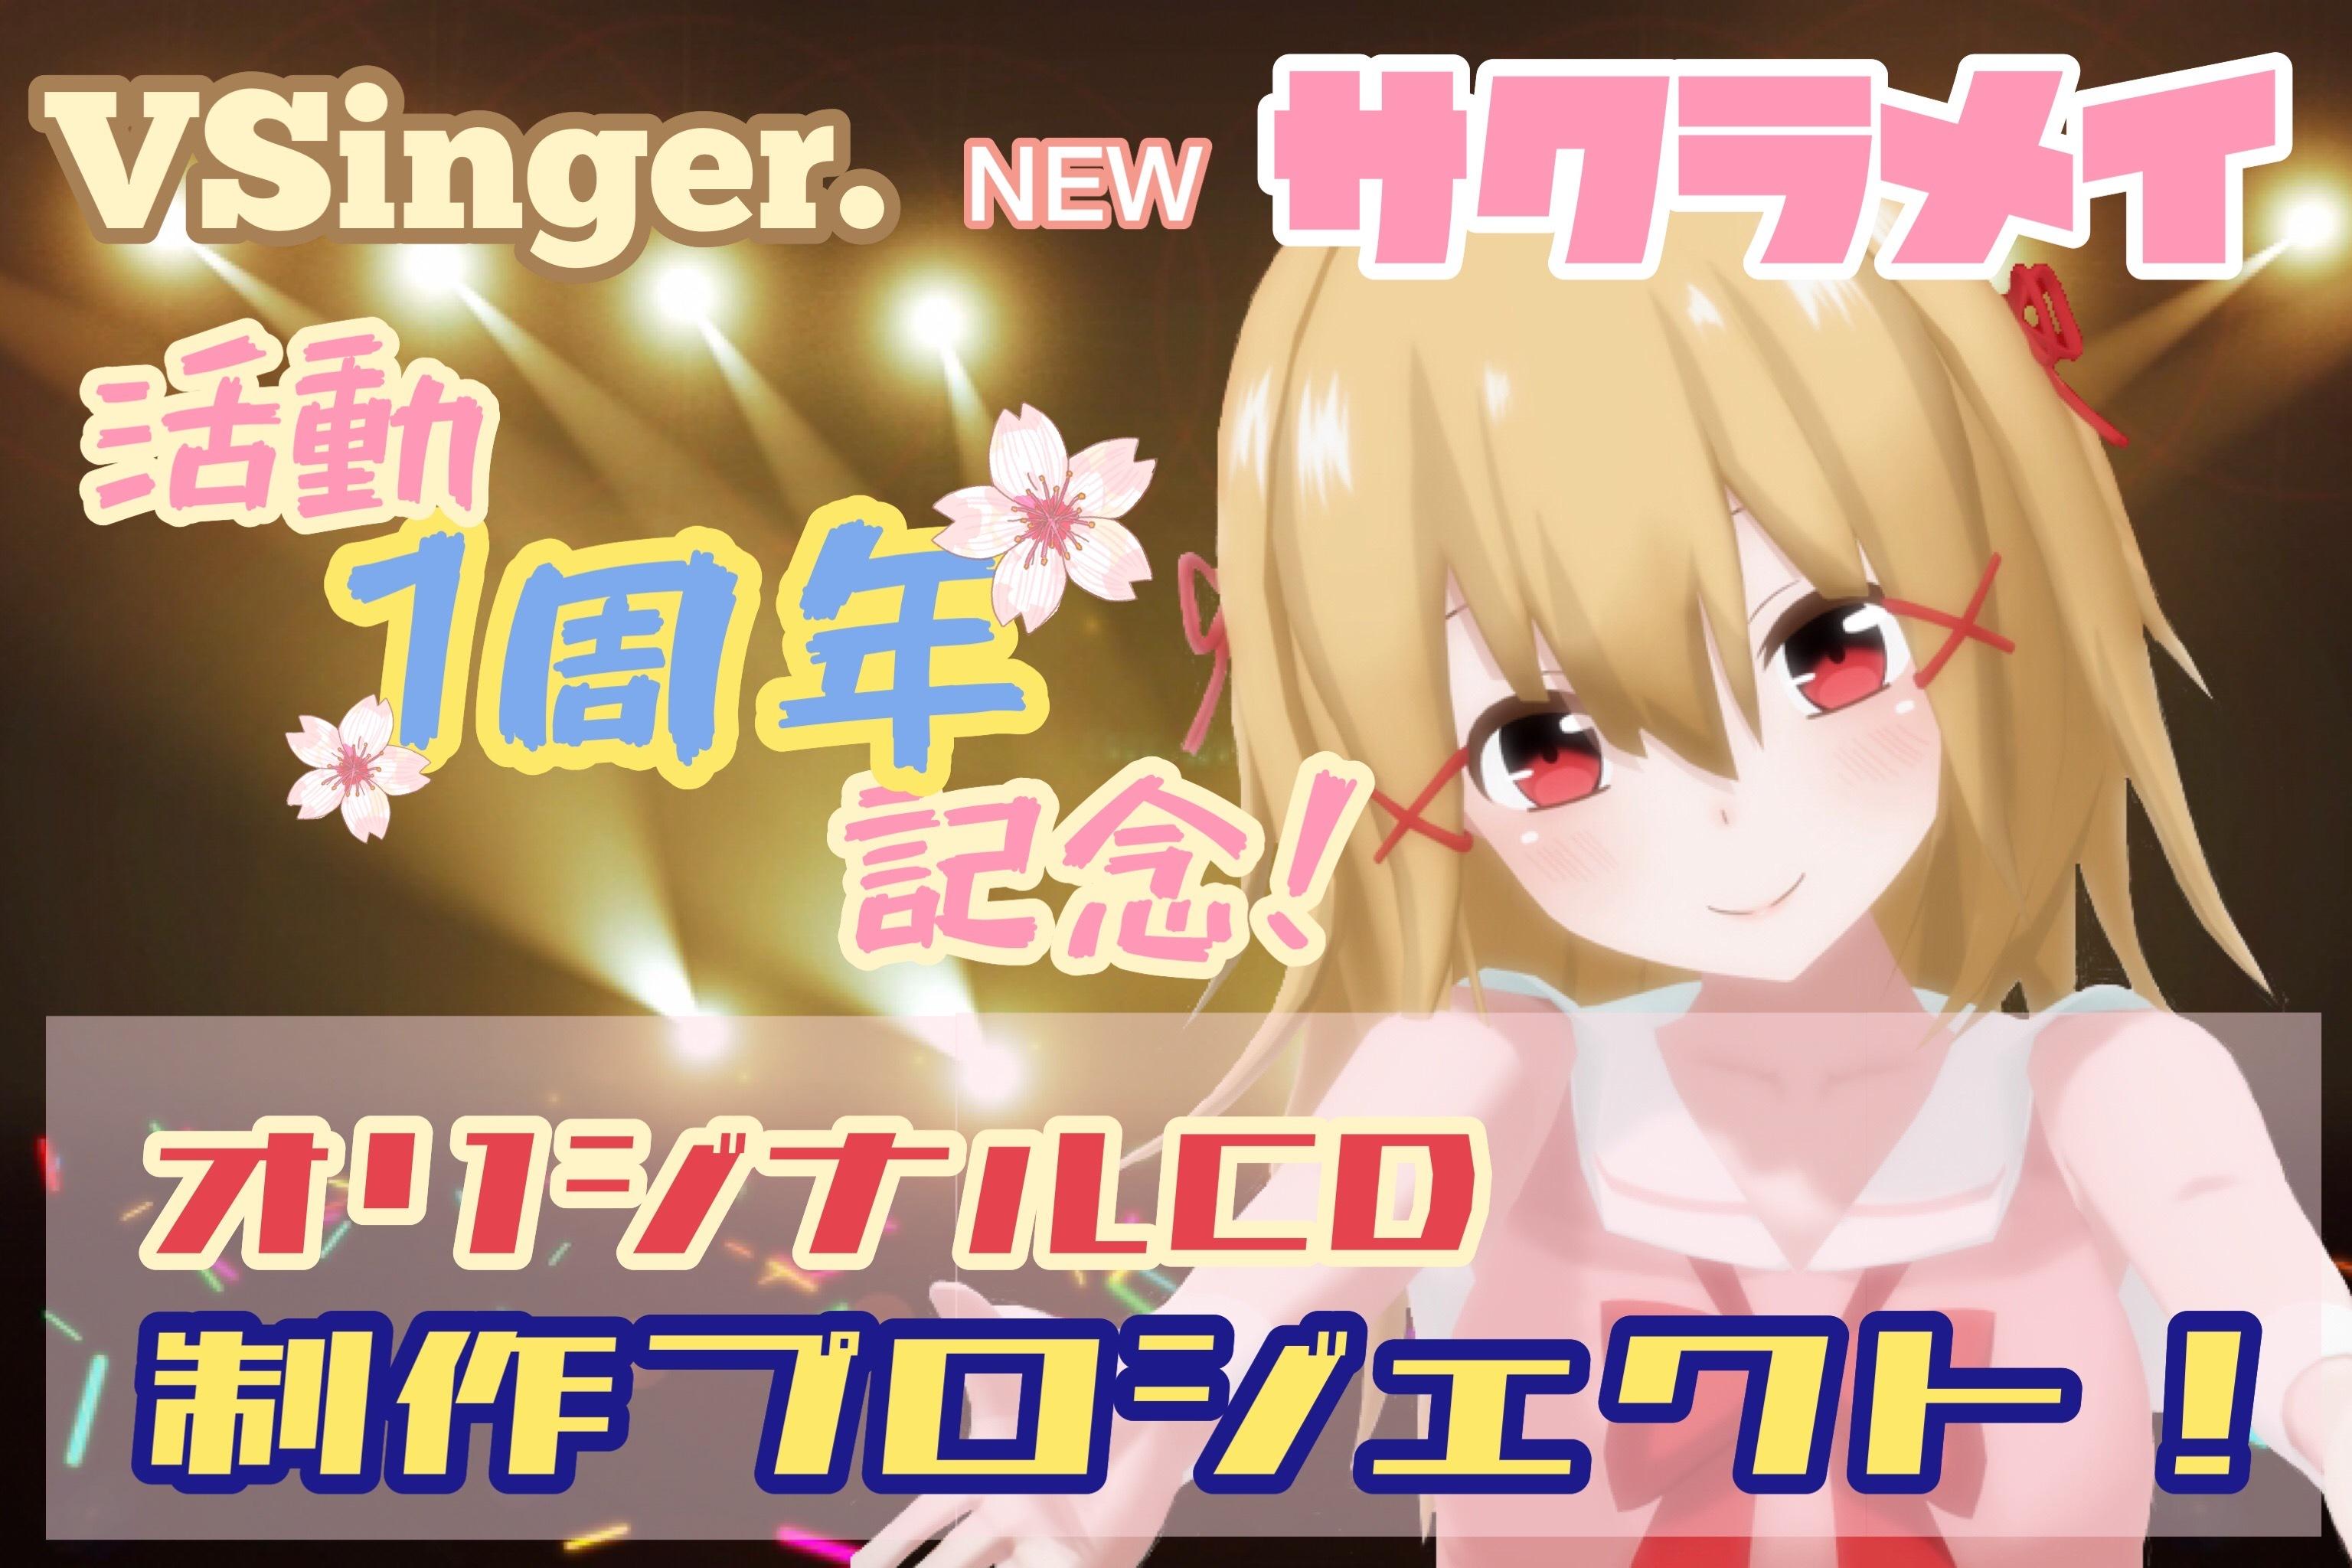 Vsinger『NEWサクラメイ』活動1周年記念!オリジナルCD制作プロジェクト!!